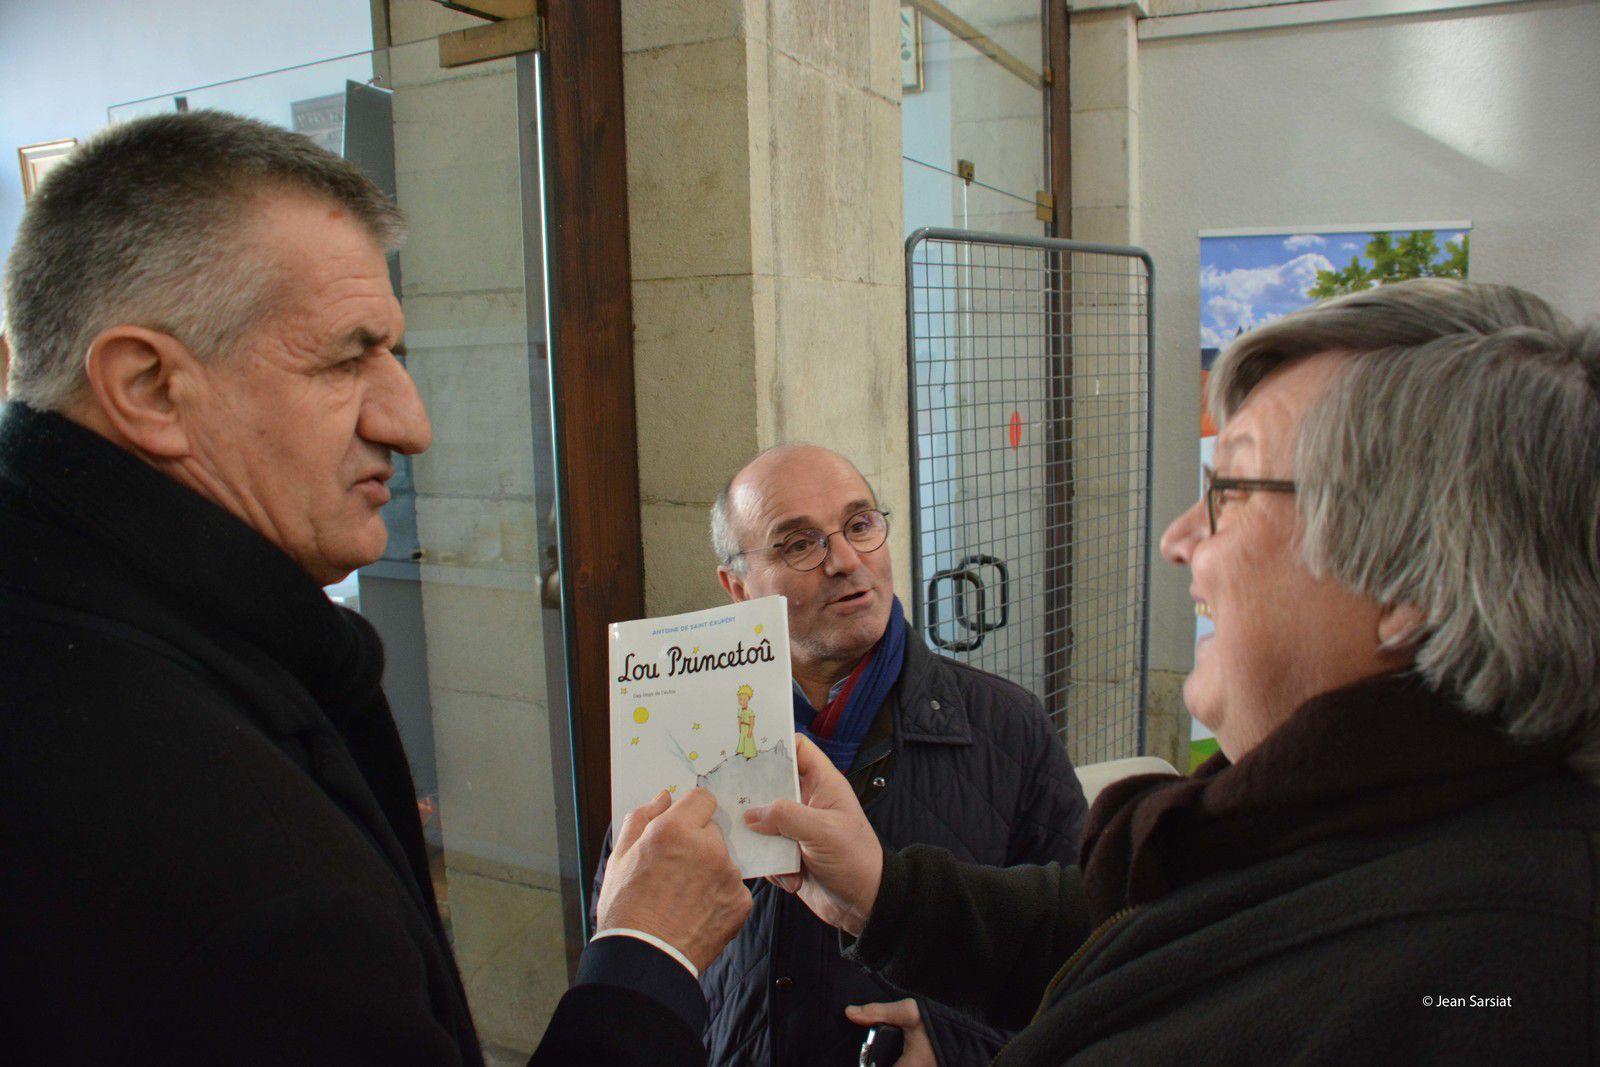 Alain Fleuret, secrétaire général et chargé de la com', conversant avec le député Jean Lassalle et Patrick Baldan, maire de Castetnau-Camblong